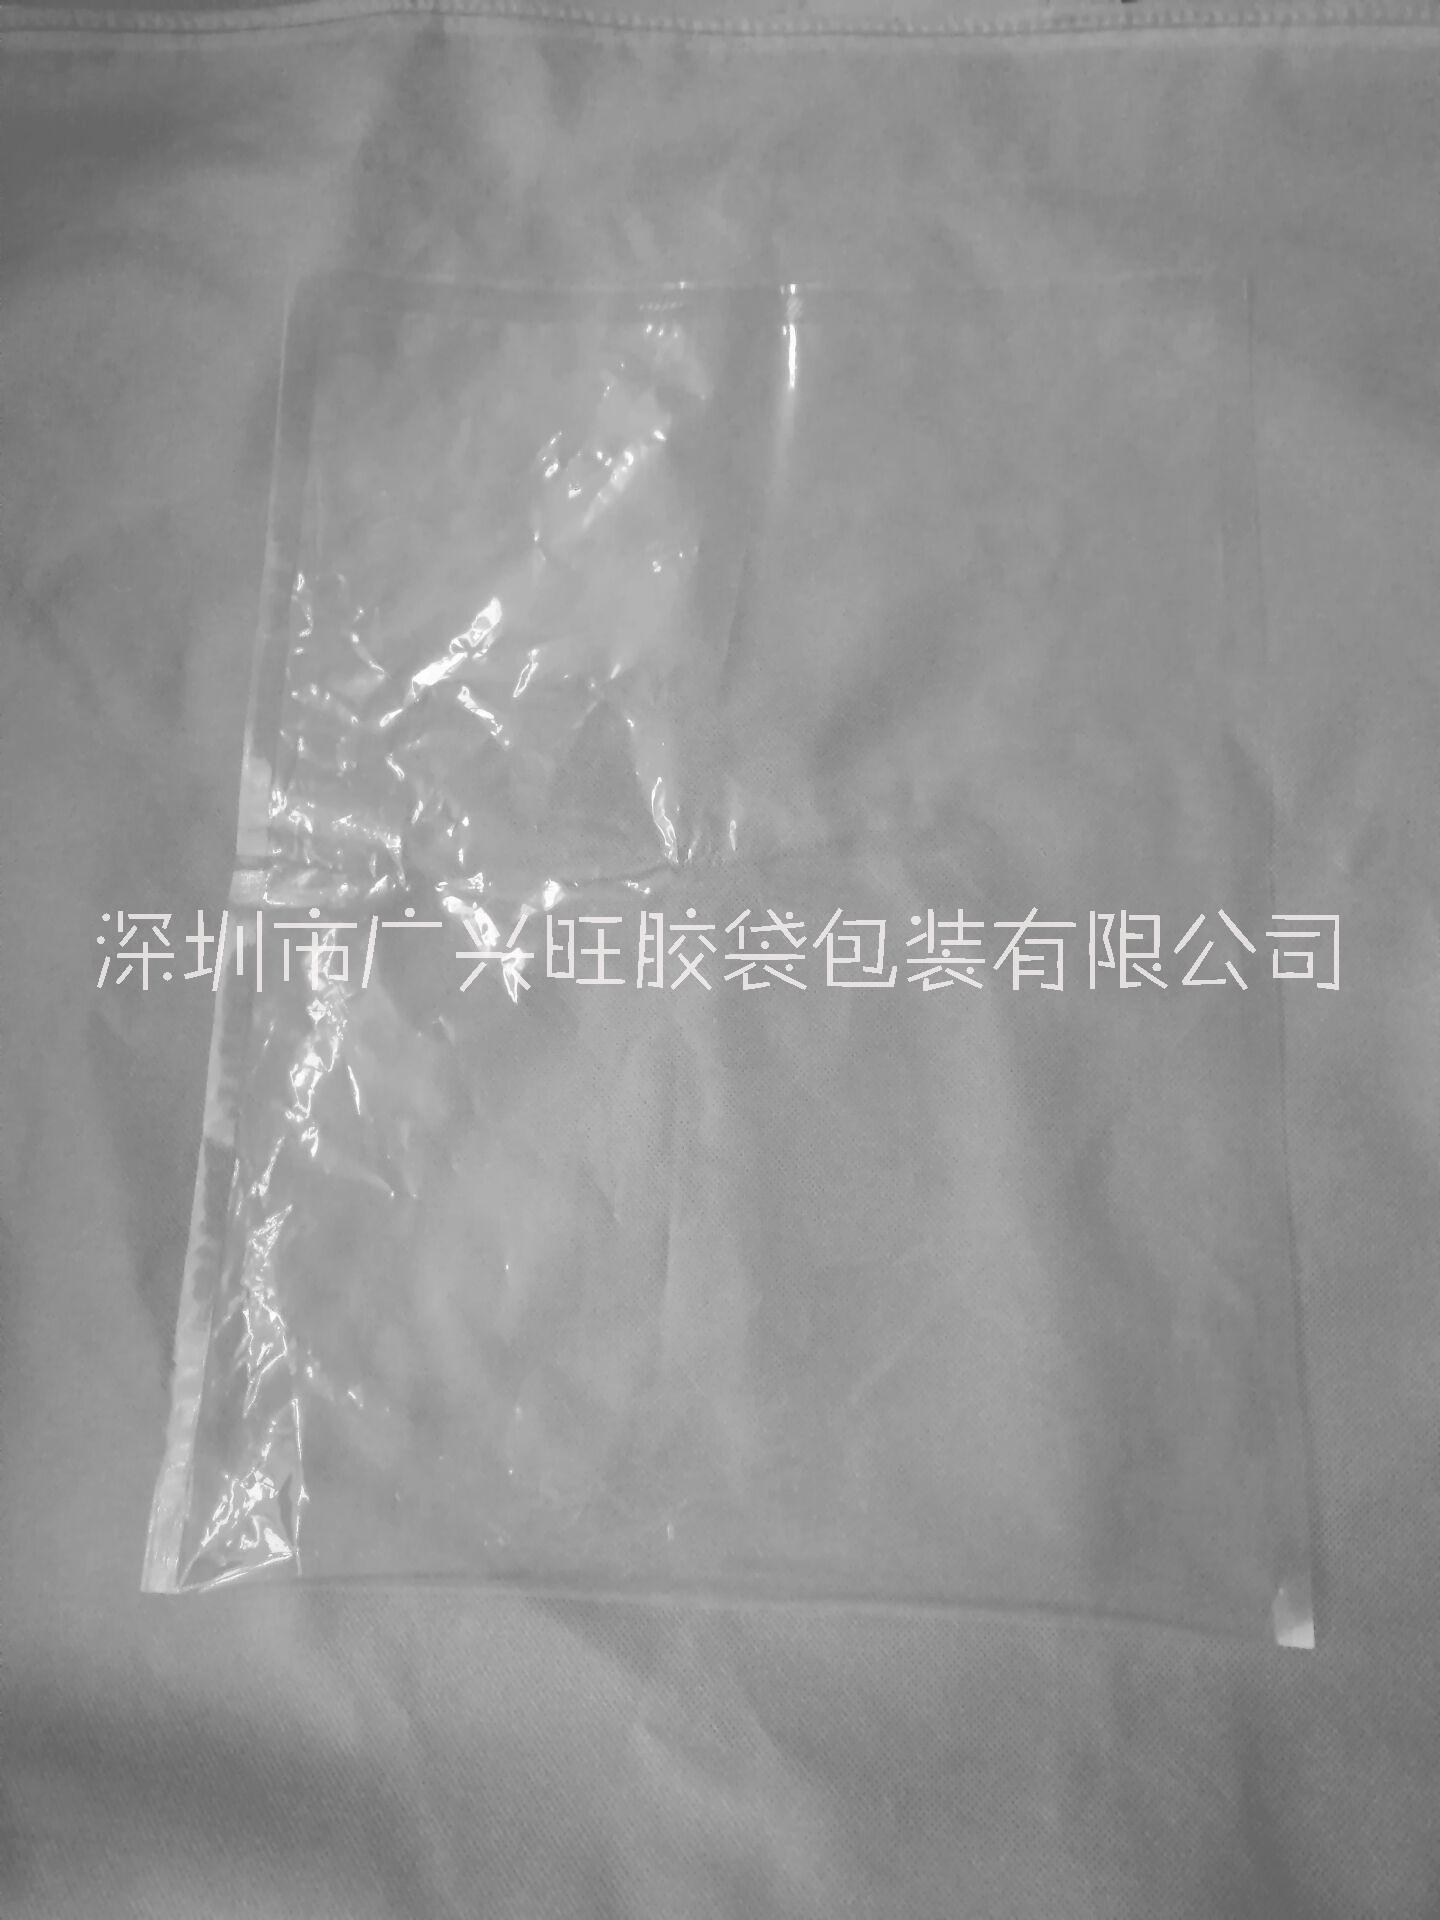 直接工厂生产工业用品包装袋企业包装袋报价 广兴旺胶袋厂_价格批发_定制